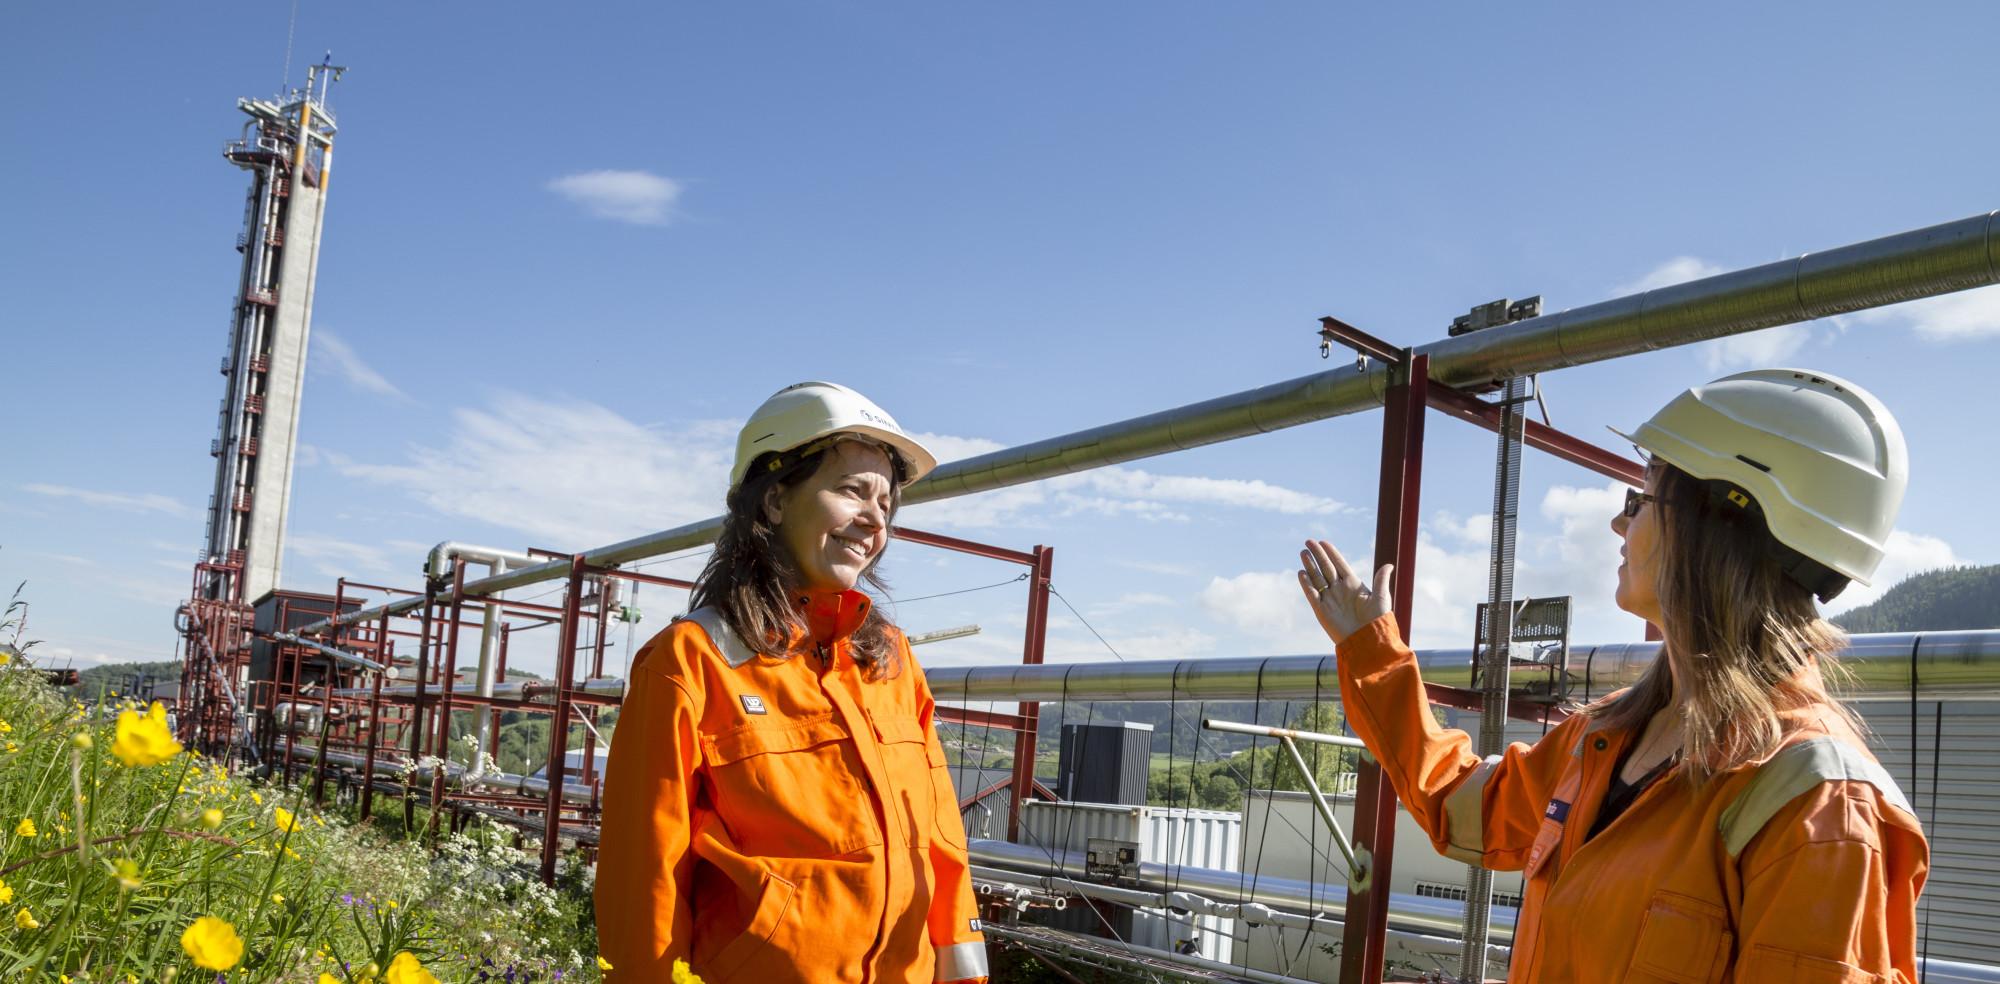 Forsøk i SINTEFs flerfaselaboratorium har gitt ny kunnskap om hvordan naturgass oppfører seg på vei opp fra gassfelt. Sentralt i prosjektet, der Maria Barrio (til v.) og Marita Wolden hadde viktige roller, står målinger som ble gjort i tårnet til venstre på bildet. Foto: Thor Nielsen / SINTEF